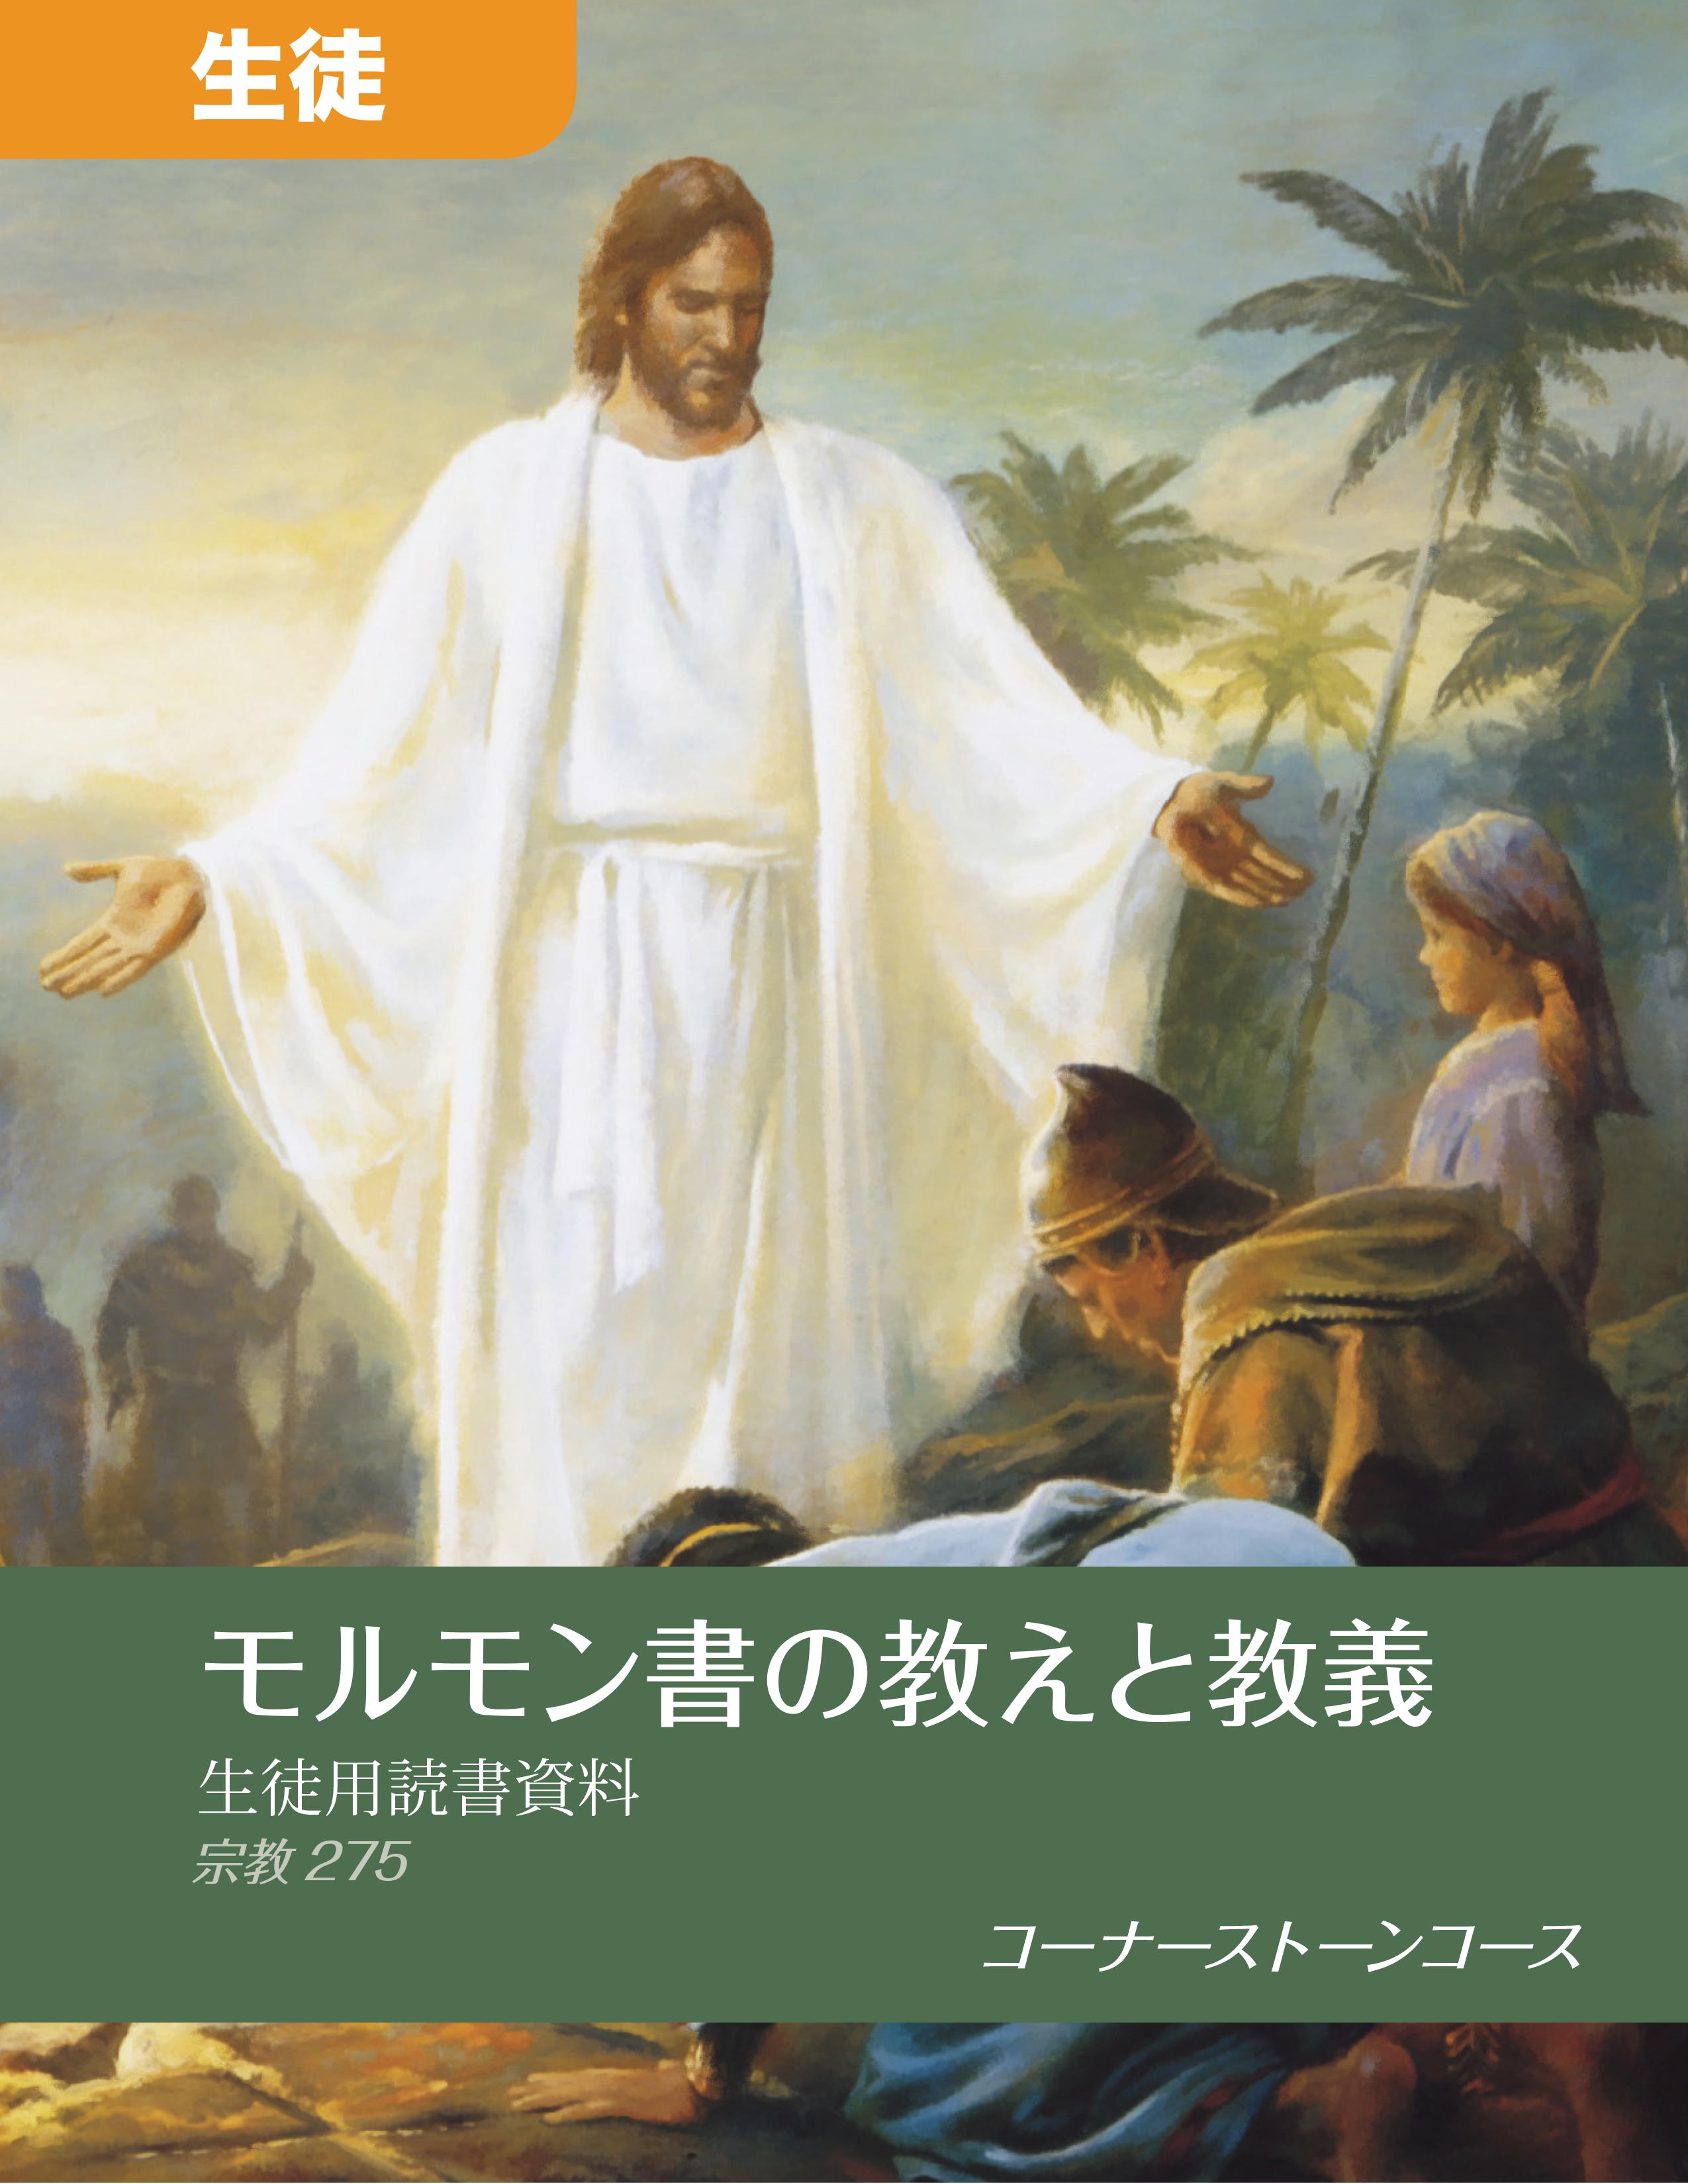 『モルモン書の教えと教義:生徒用読書課題』(宗教275)